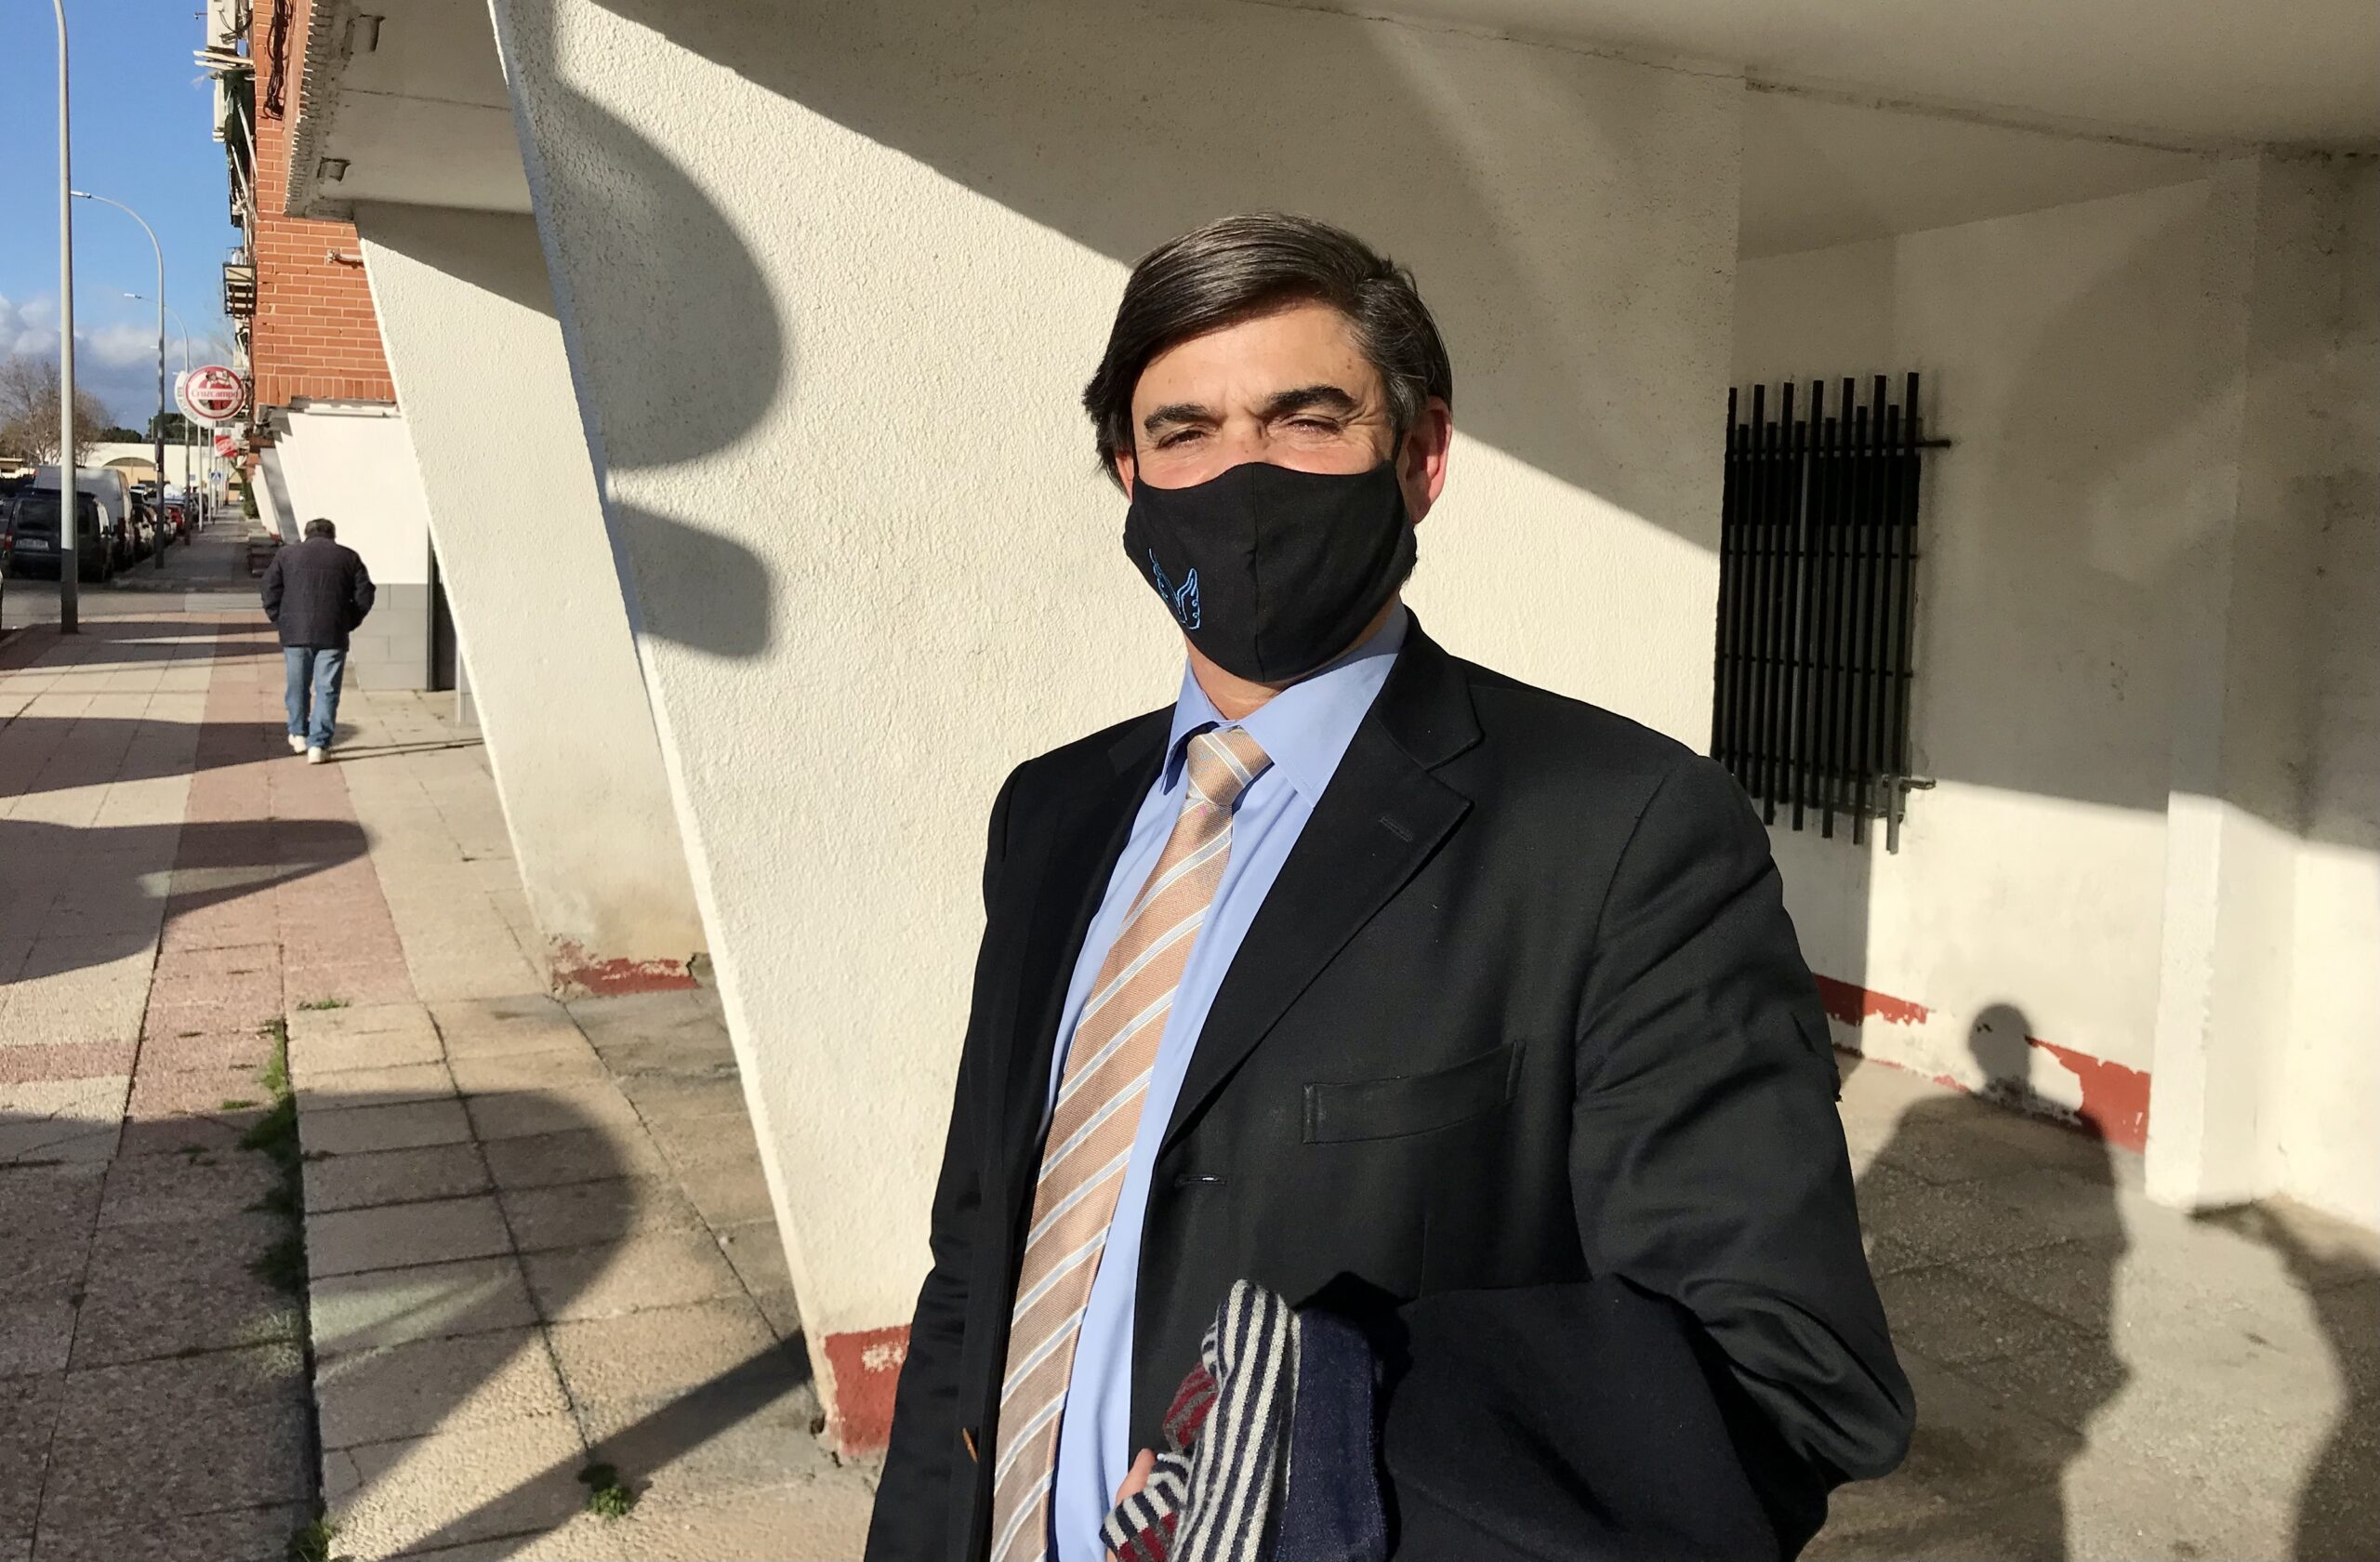 L'advocat Agustí Carles, al voltant de l'Audiència Nacional de San Fernando de Henares/Quico Sallés